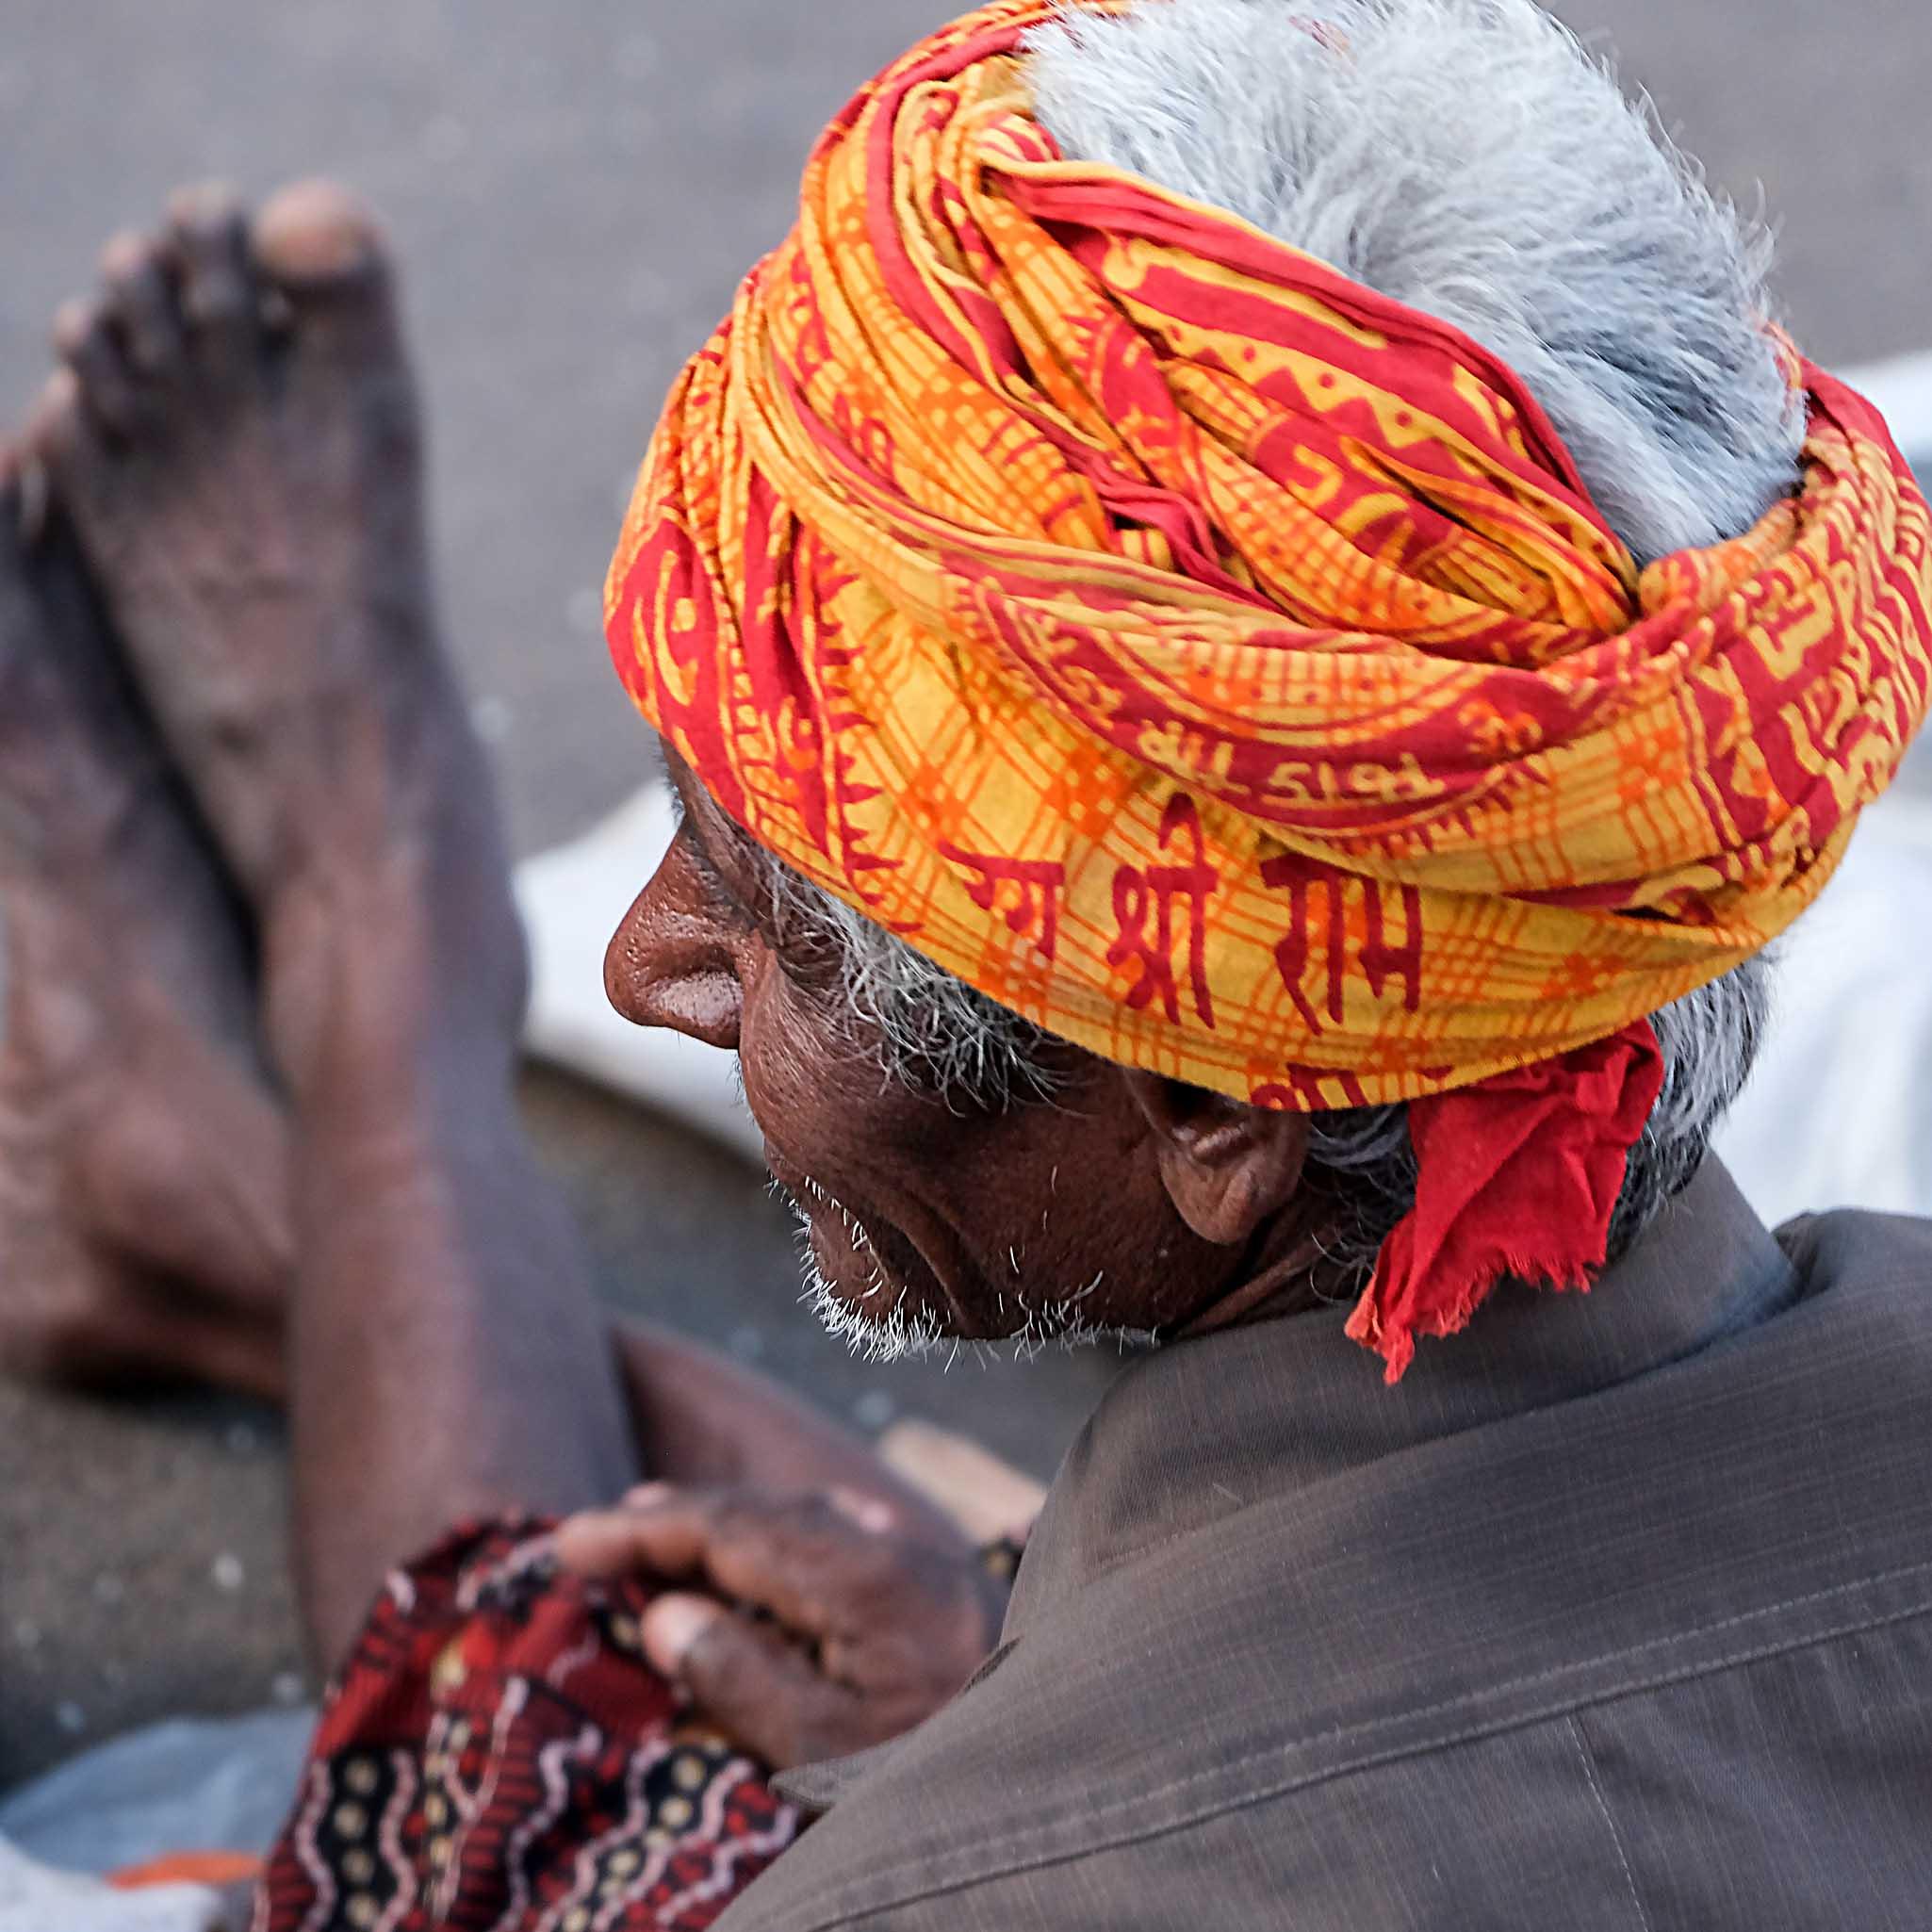 Man Bubaneshwar, Odisha 3.3.2 DSCF4964